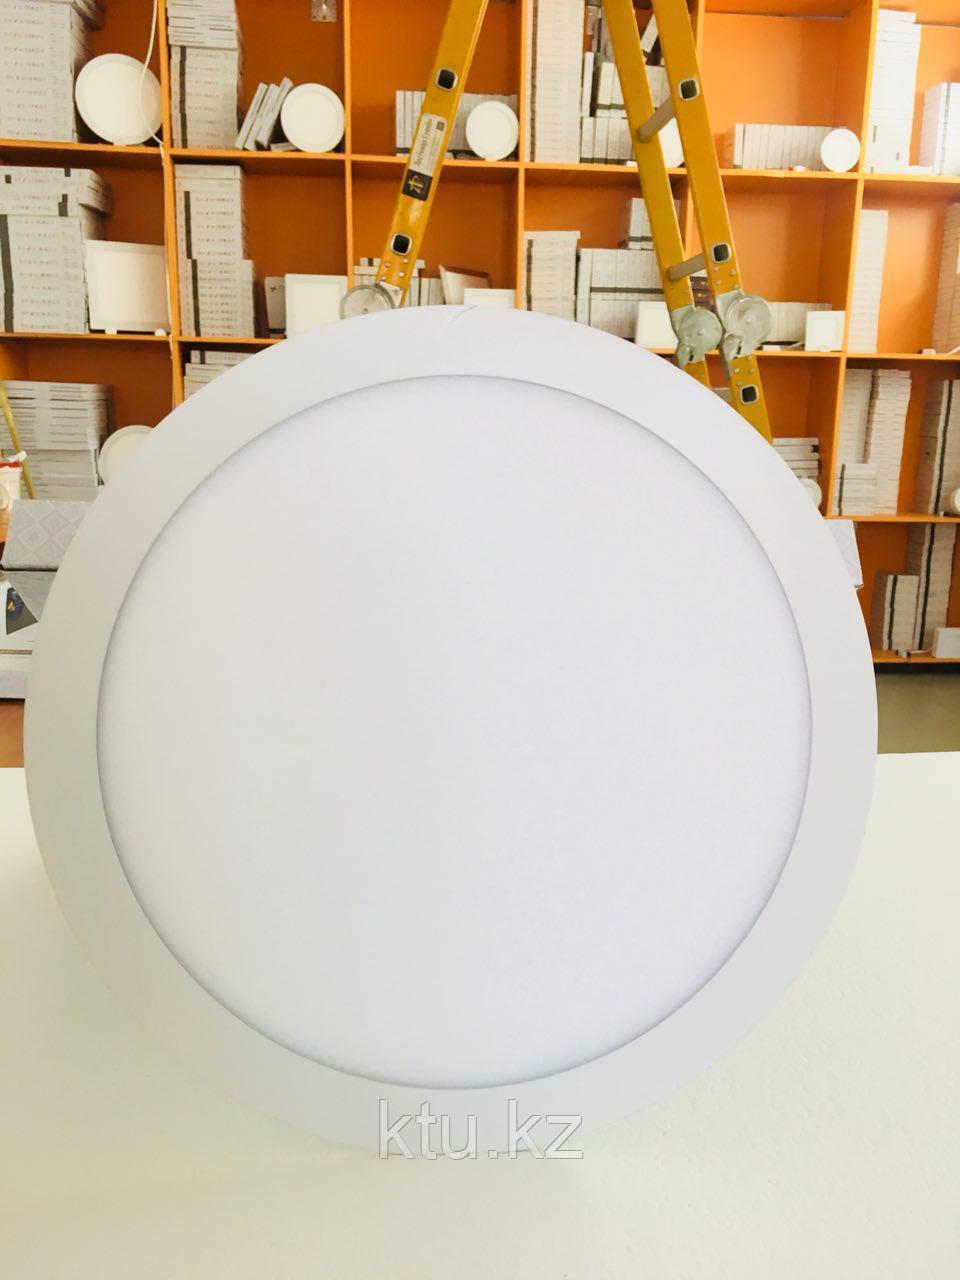 Светильники (споты) JL-Y 24W,внутренний 1год гарантия